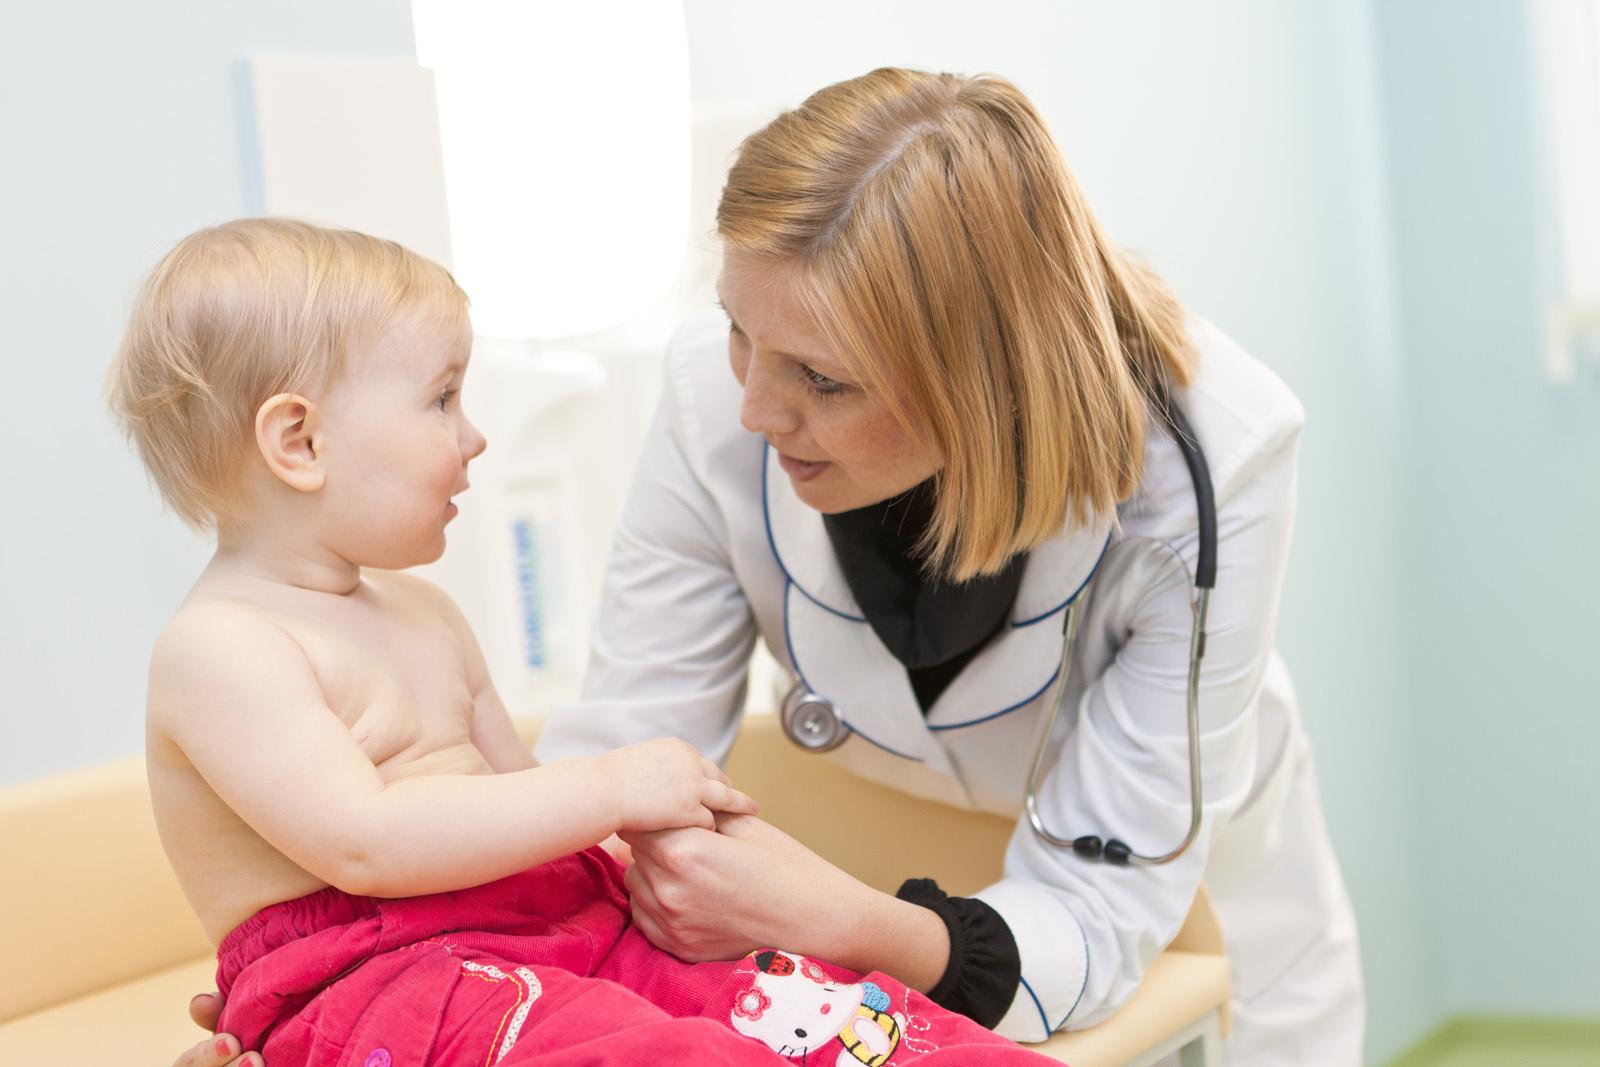 Детские ОРЗ могут перерасти в более опасные болезни